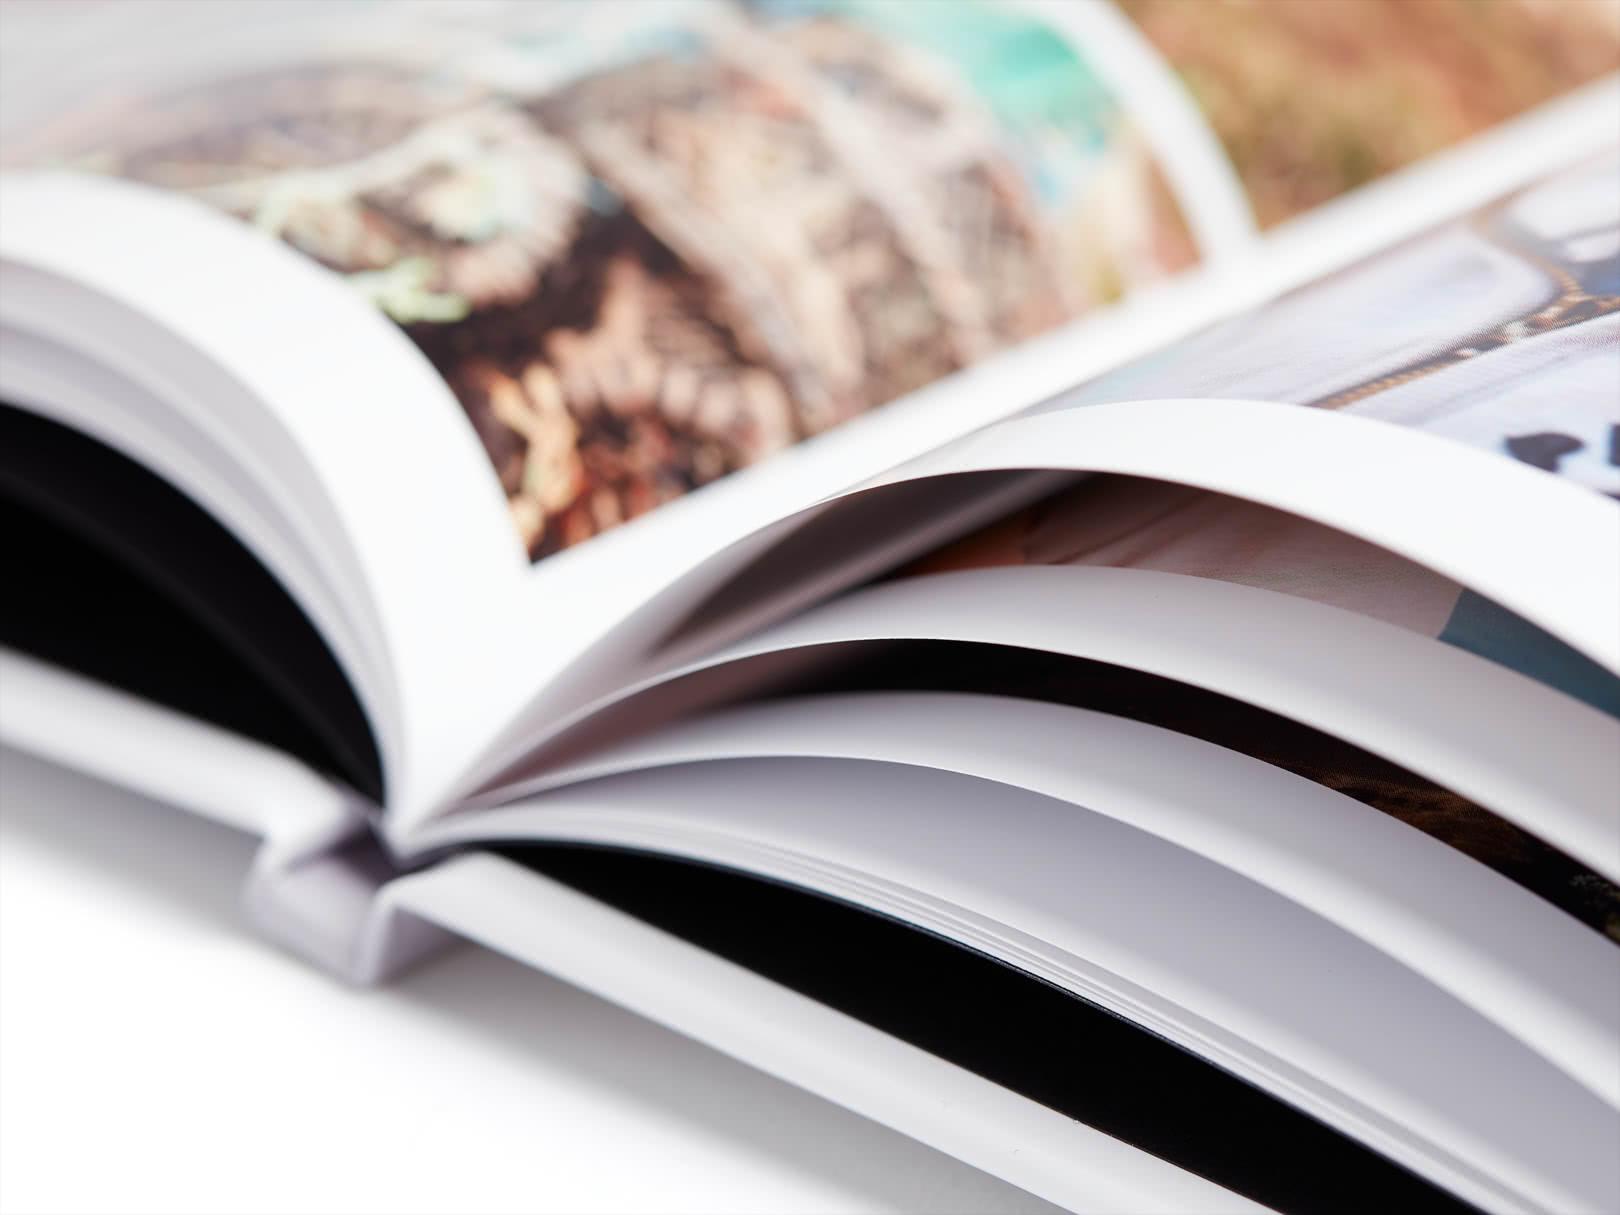 41f1d75085398564a3ecb24c45e8f4b806a462d4_standard-hardcover-square-gallery-4_3_02-1620.jpg